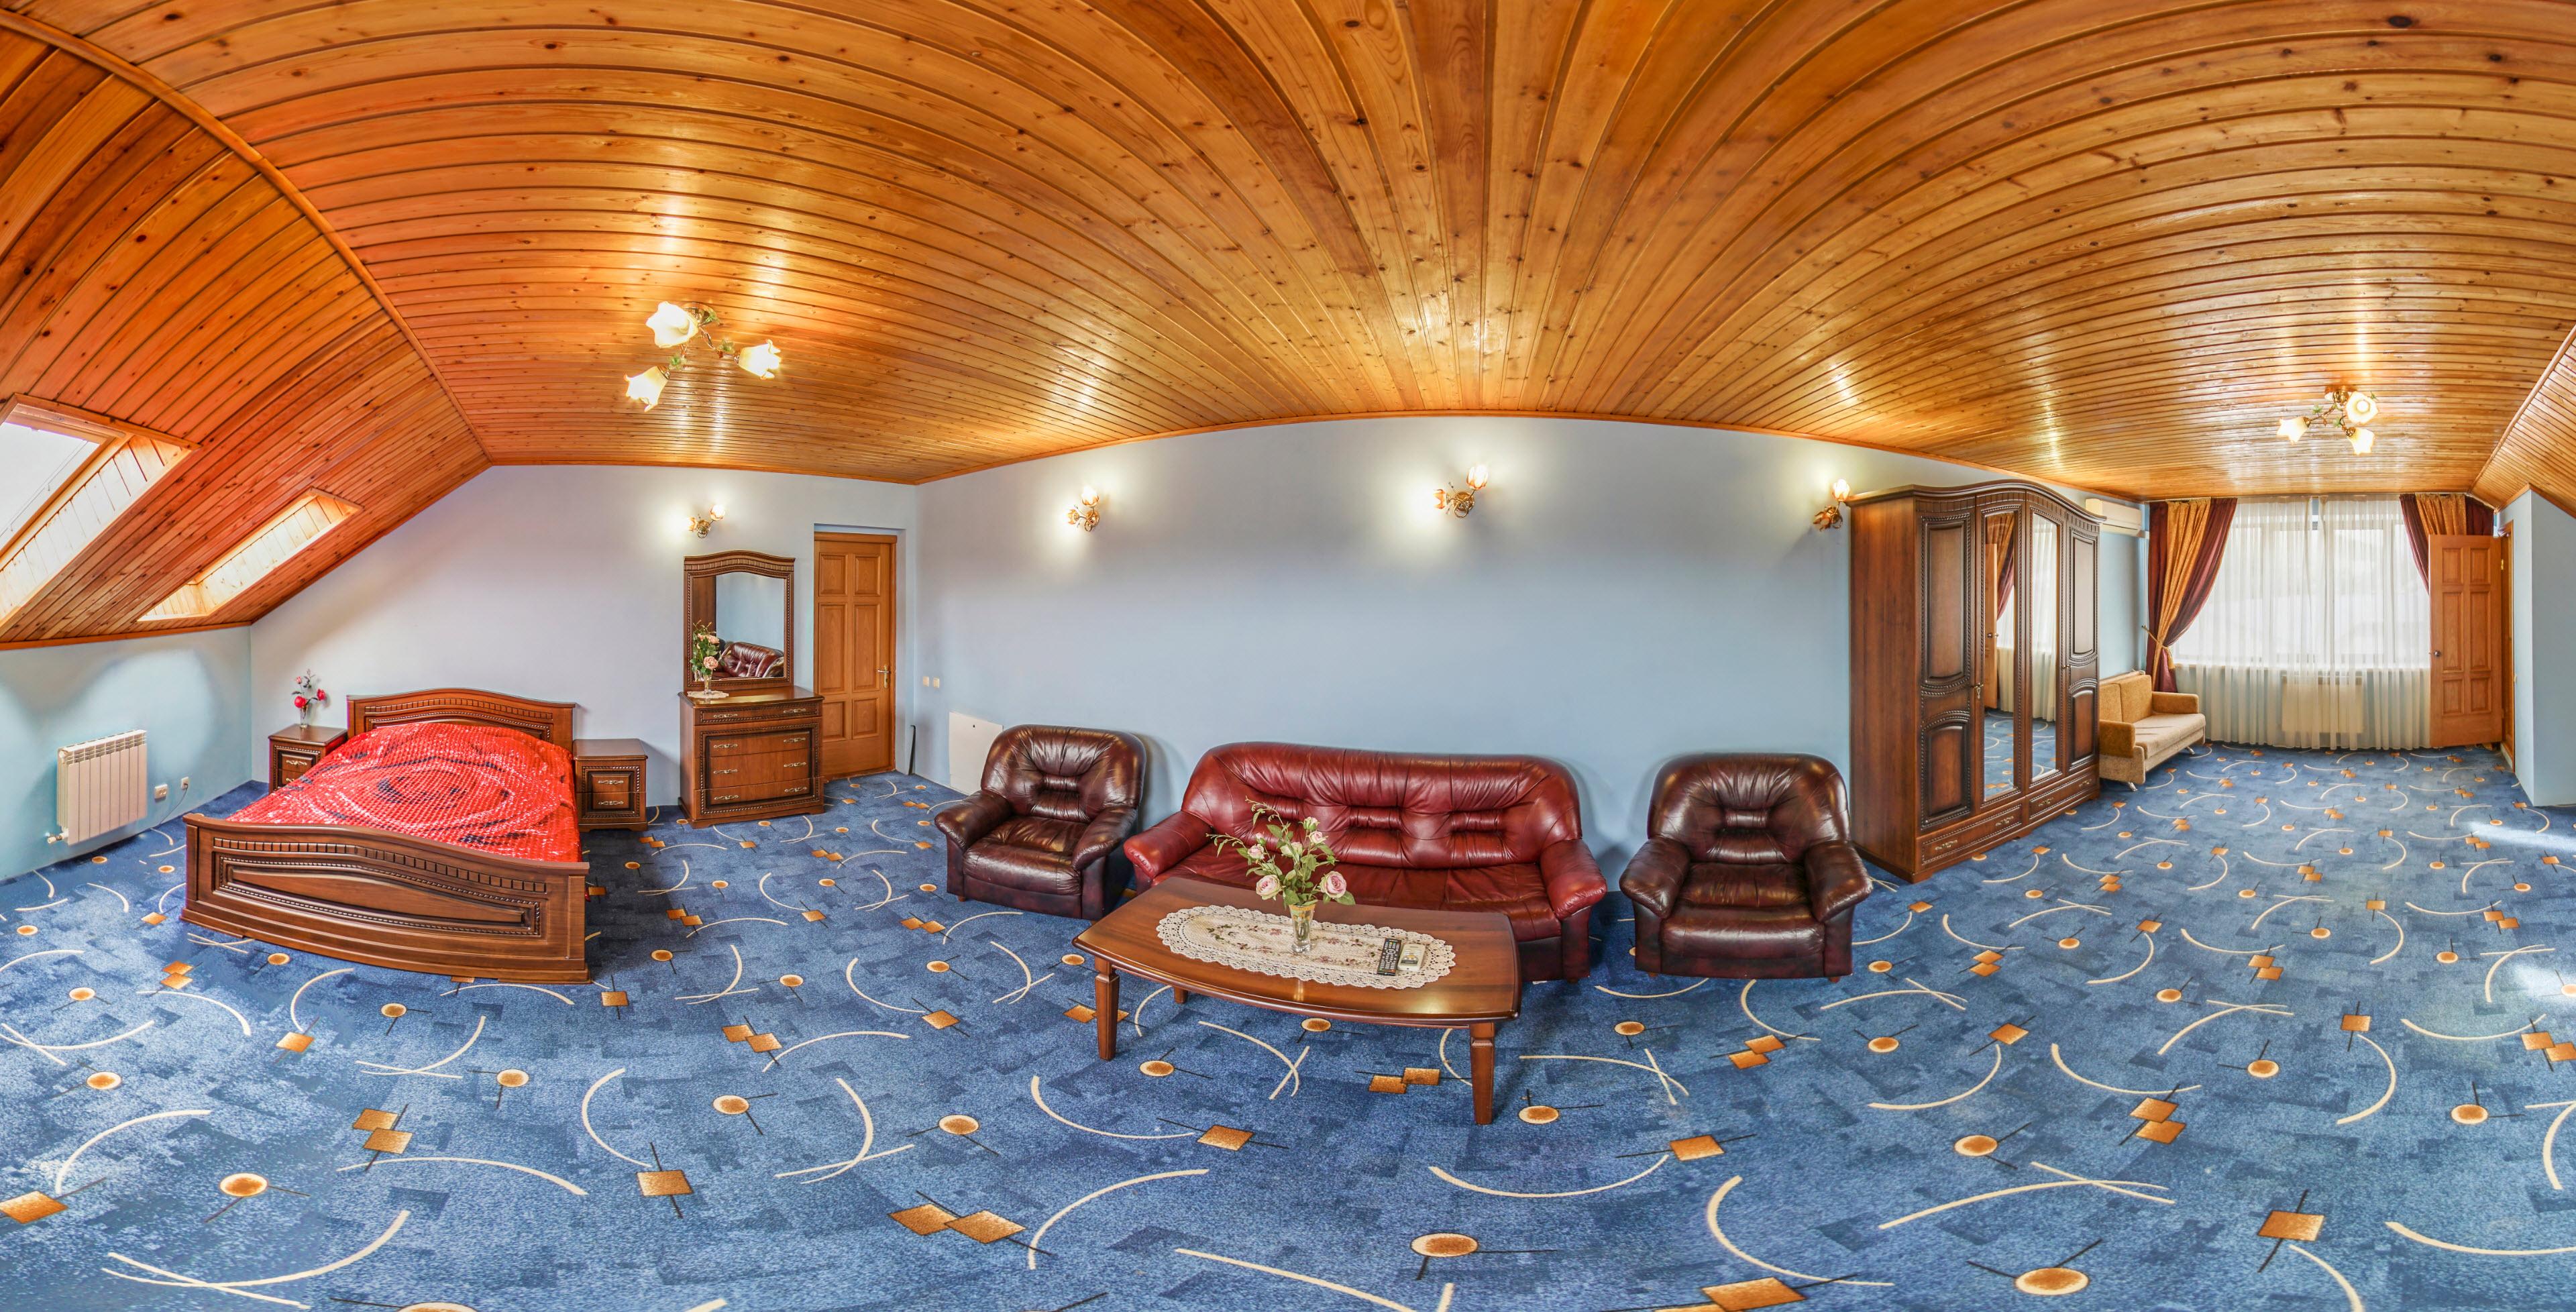 лазаревское гостиница христофор колумб фото певец ритм-энд-блюз